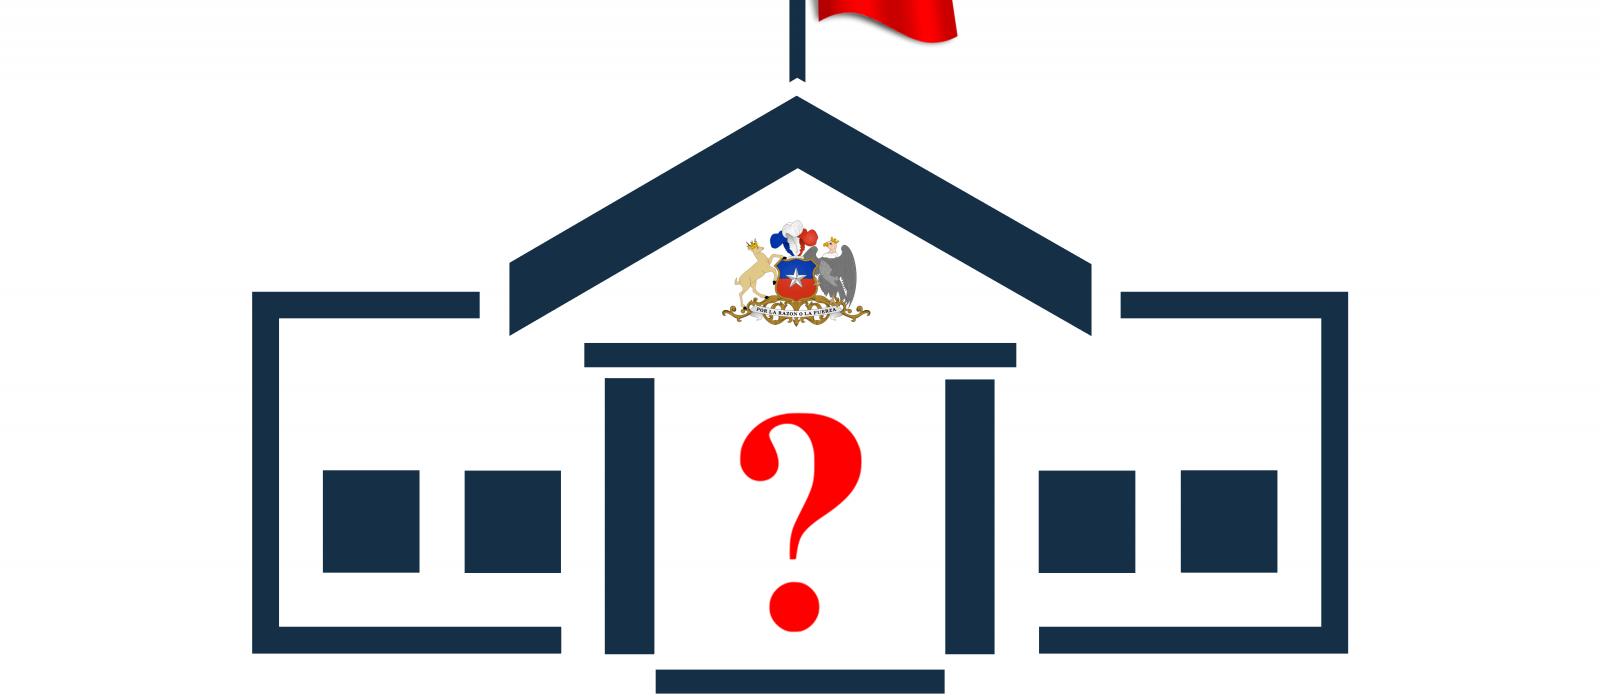 ¿Cuál es el camino para mejorar en chile la educación pública?